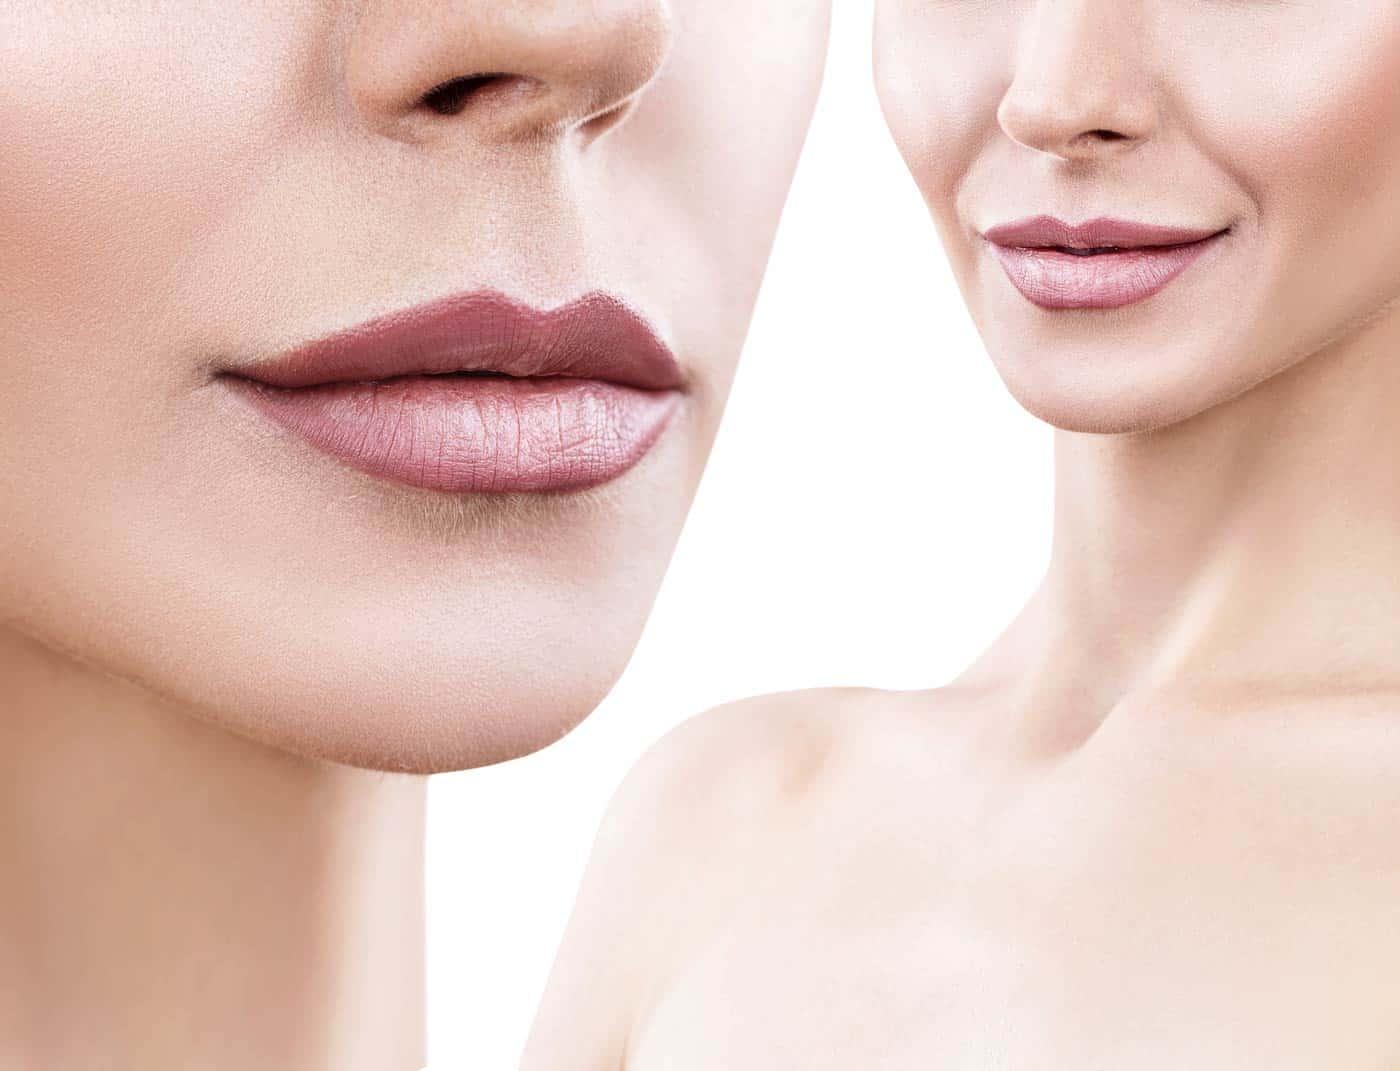 Balzam za povećanje usana